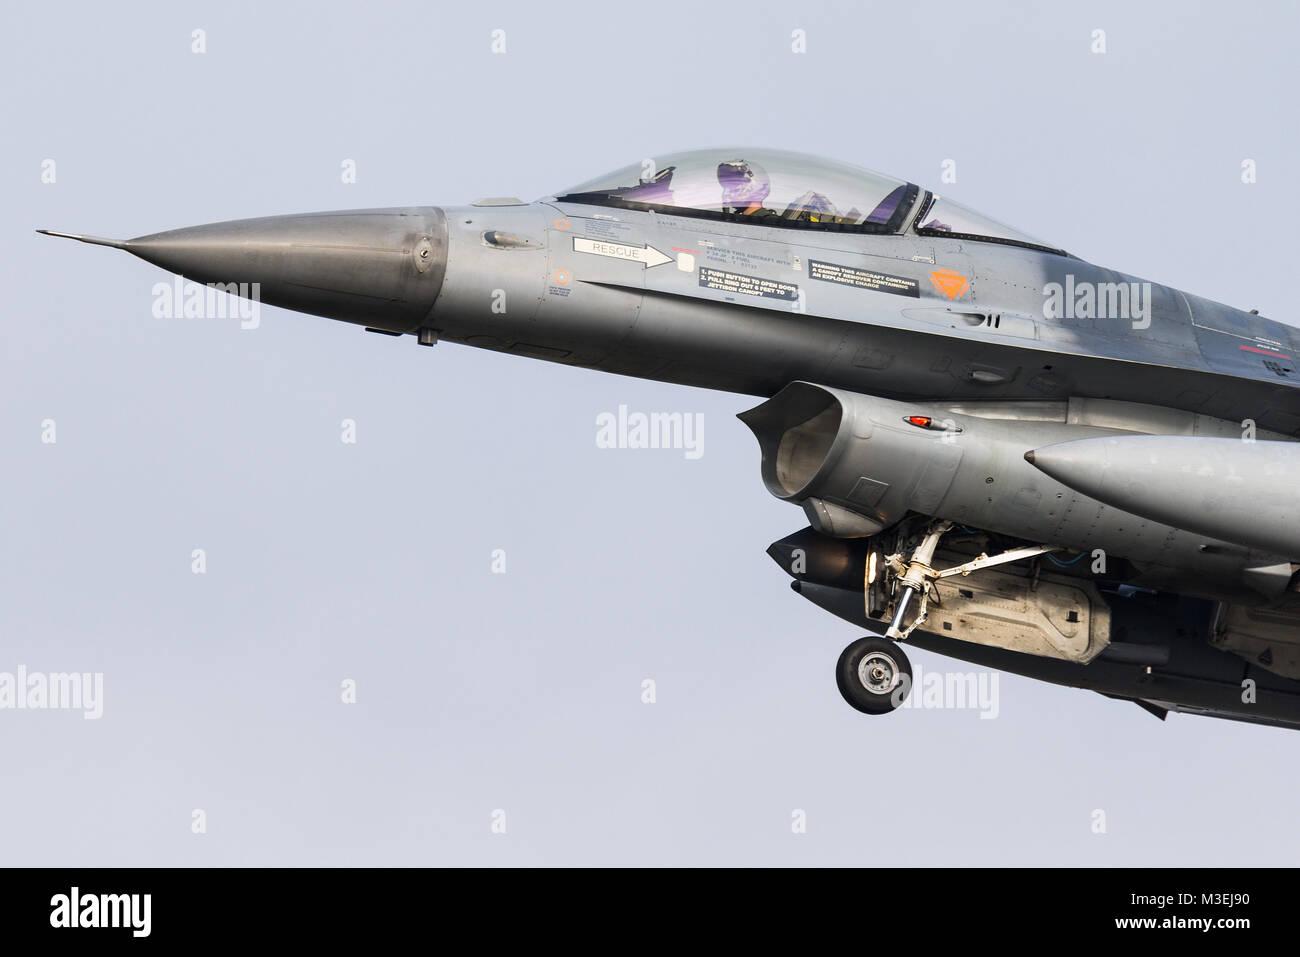 Un avión de combate F-16 de la Fuerza Aérea Belga está listo para aterrizar en la Base Aérea de Kleine Brogel en Bélgica. Foto de stock